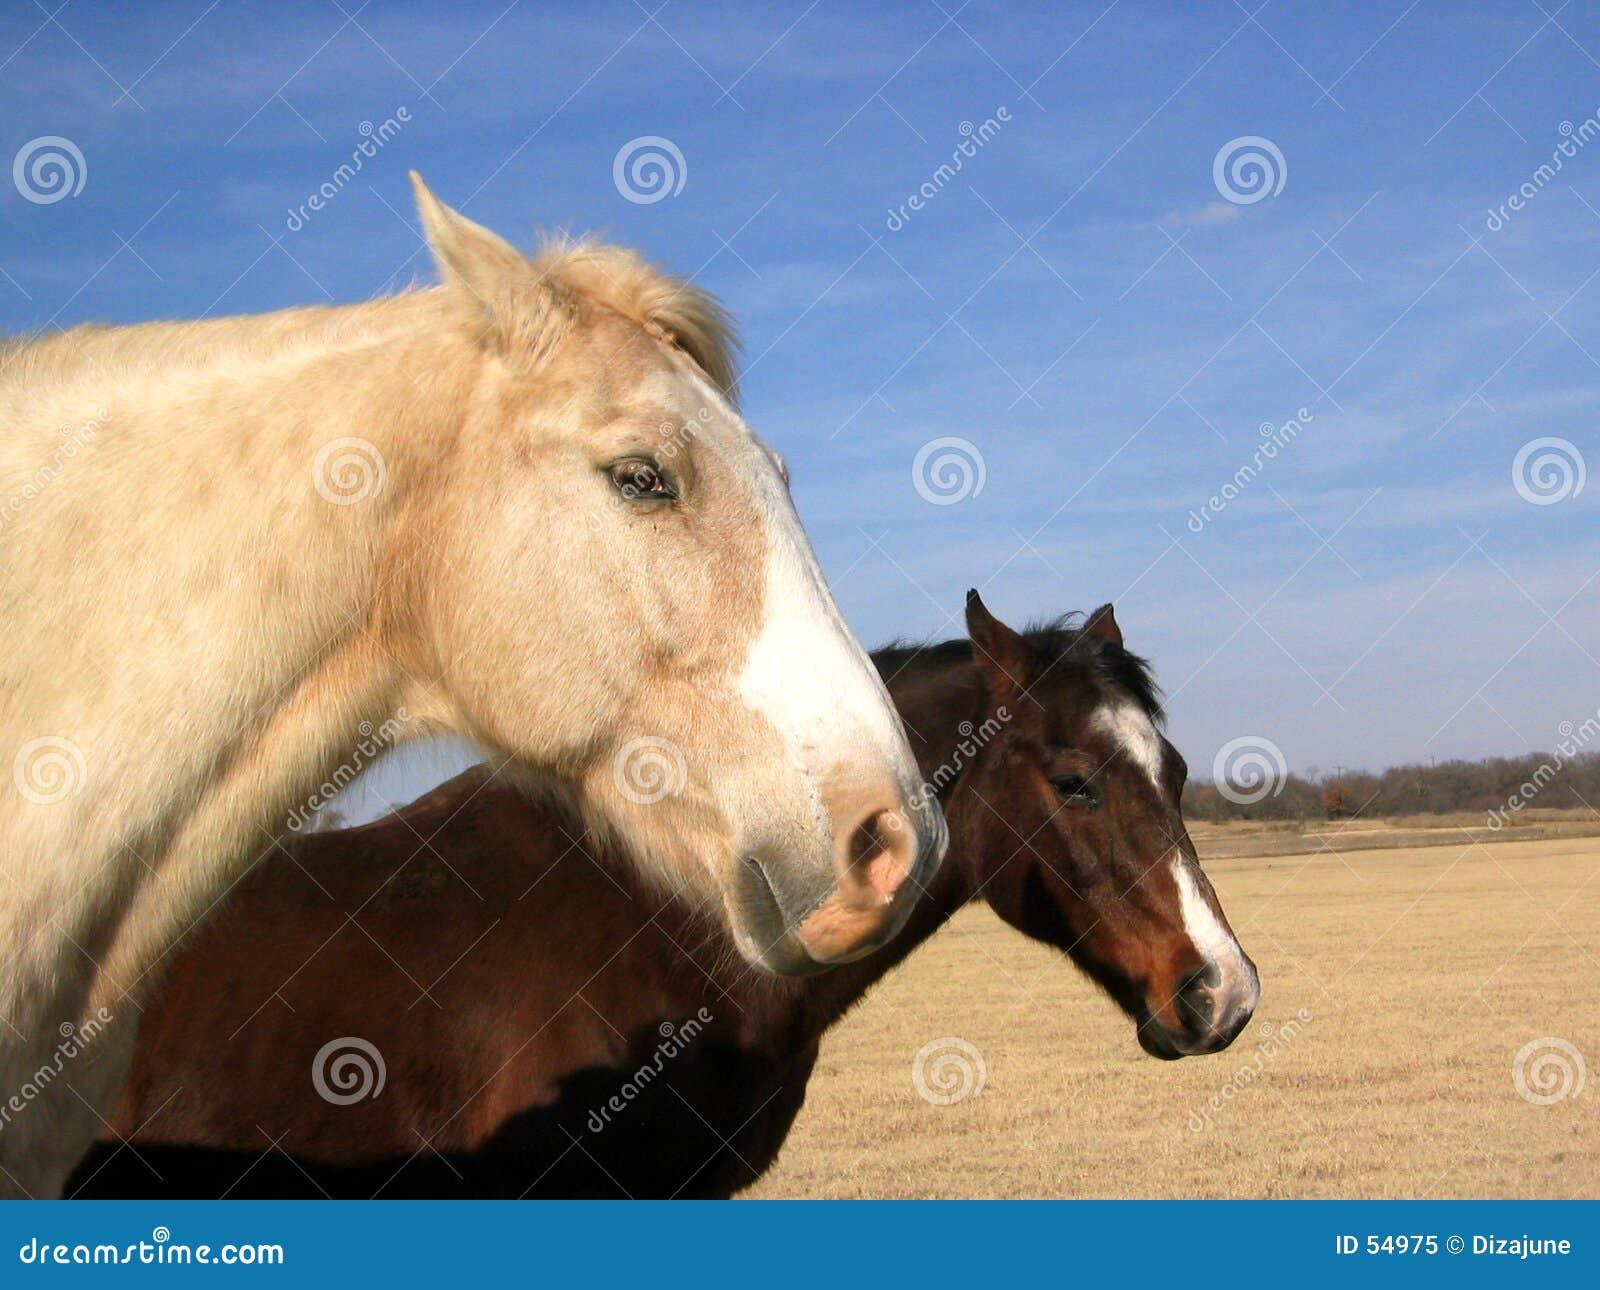 Download Deux chevaux image stock. Image du accouplement, ranch, favoris - 54975